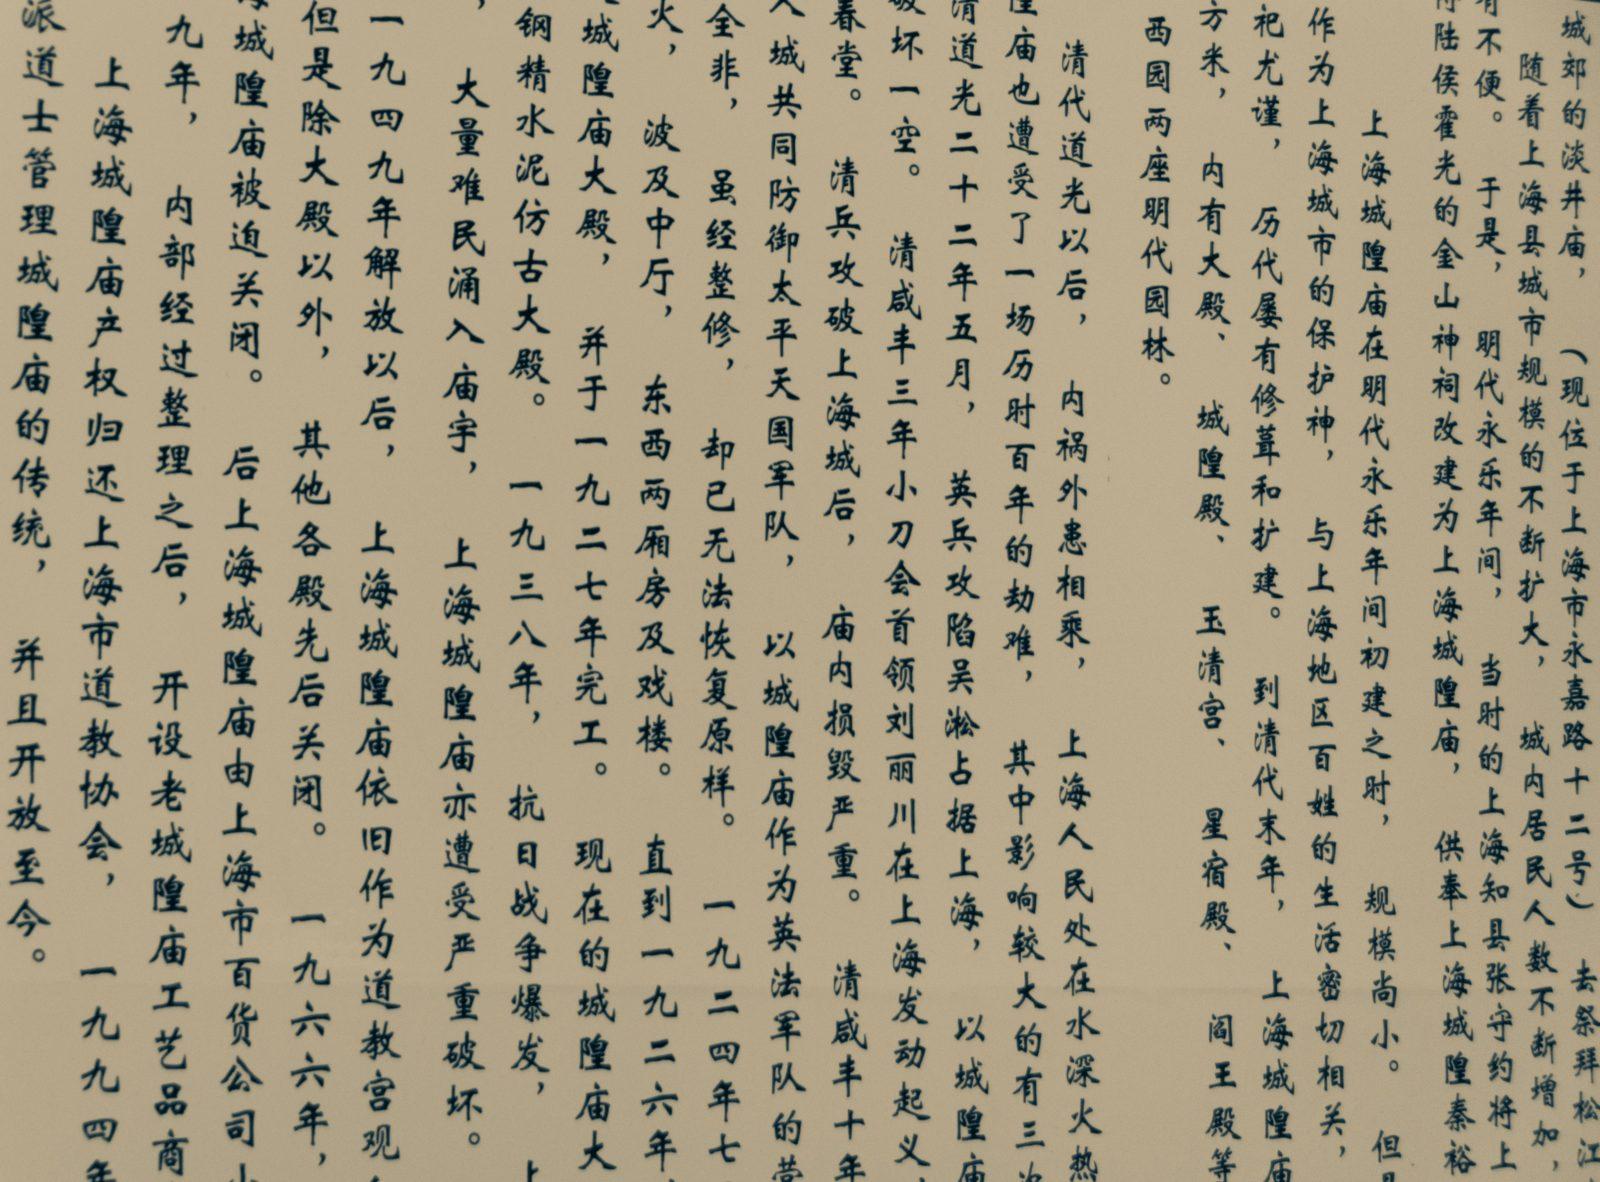 Chinese characters Hanzi writing on paper wall